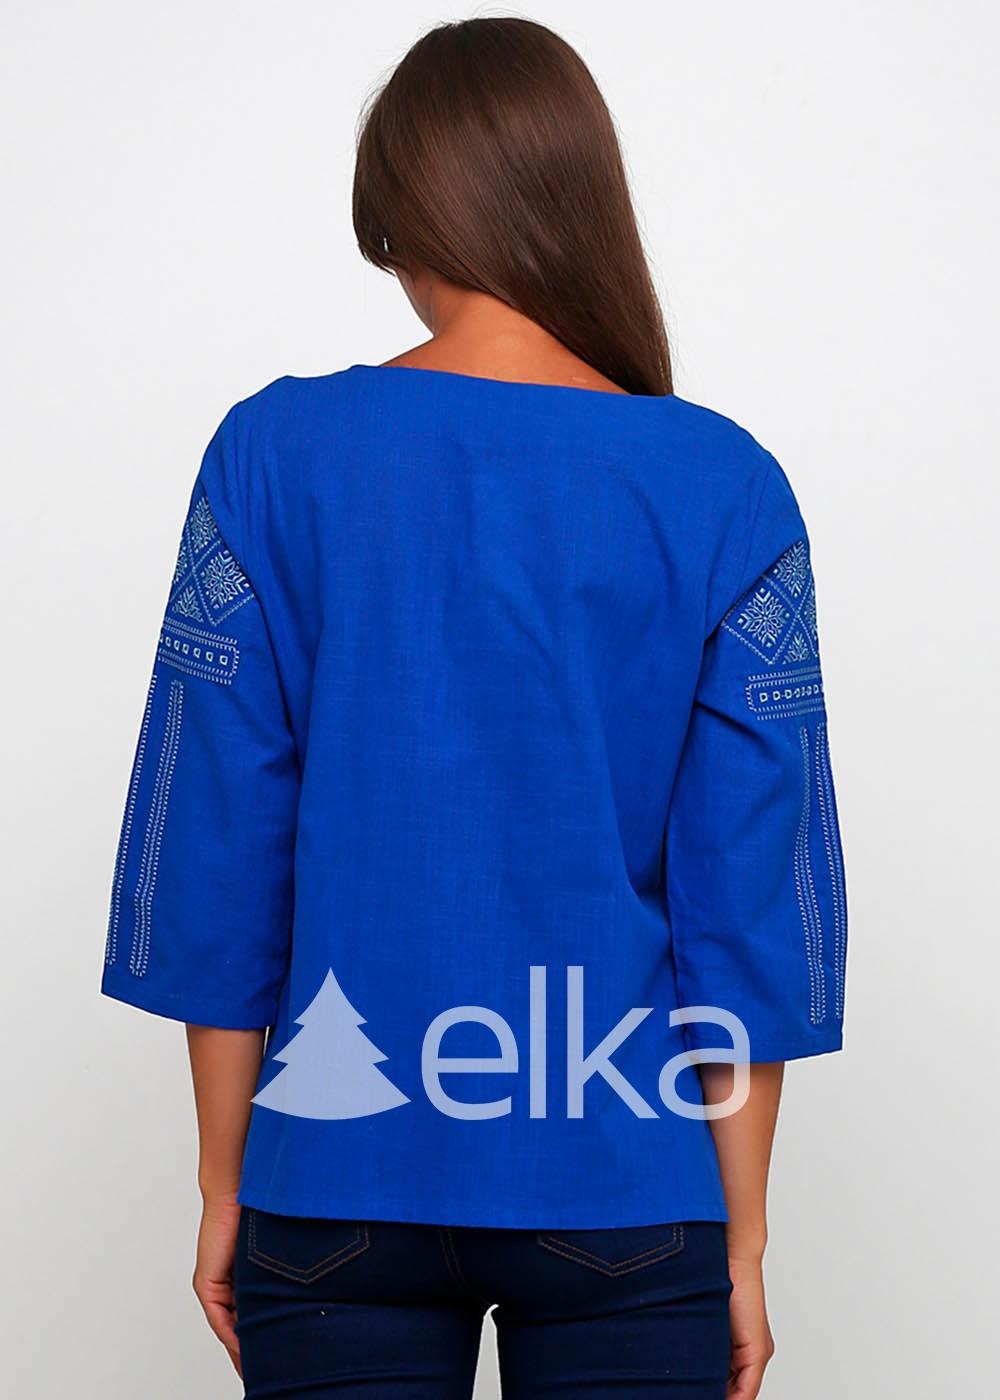 Вышиванка женская Черкасская синяя